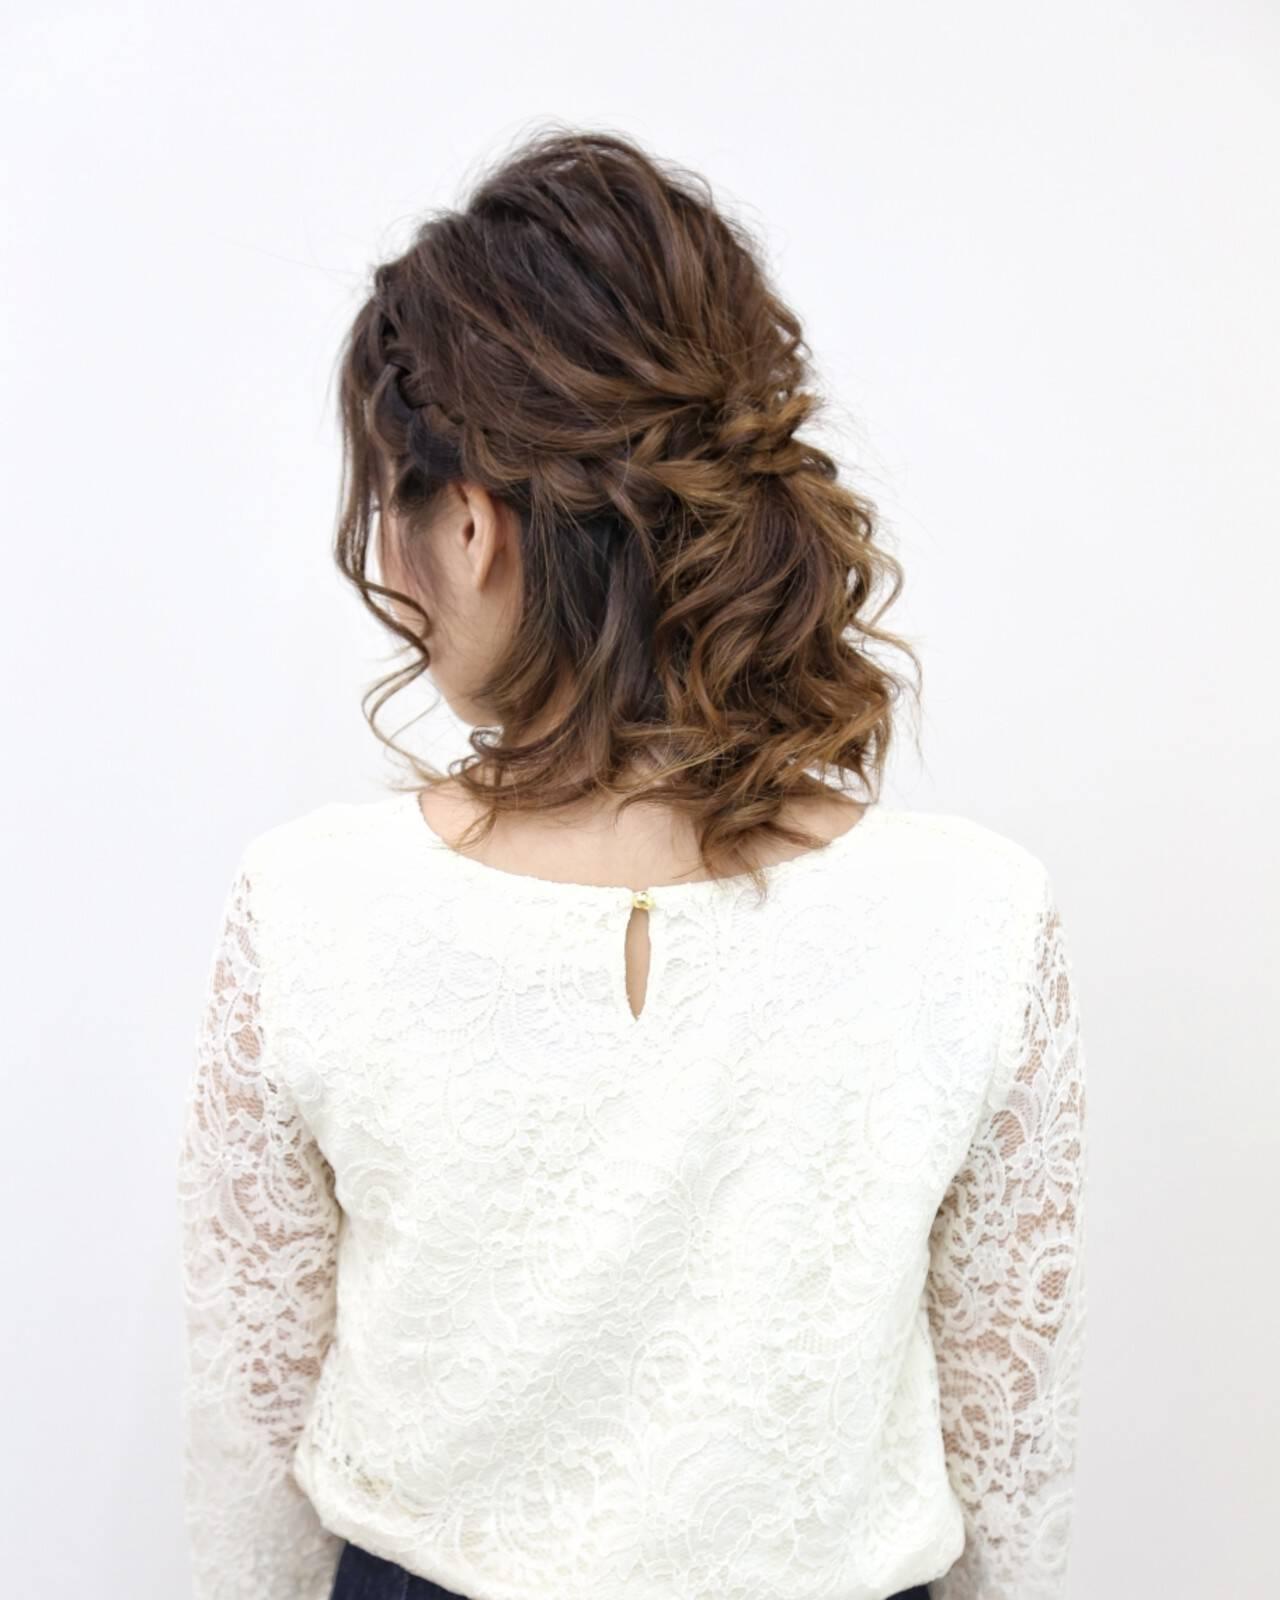 ヘアアレンジ ハーフアップ フェミニン ミディアムヘアスタイルや髪型の写真・画像